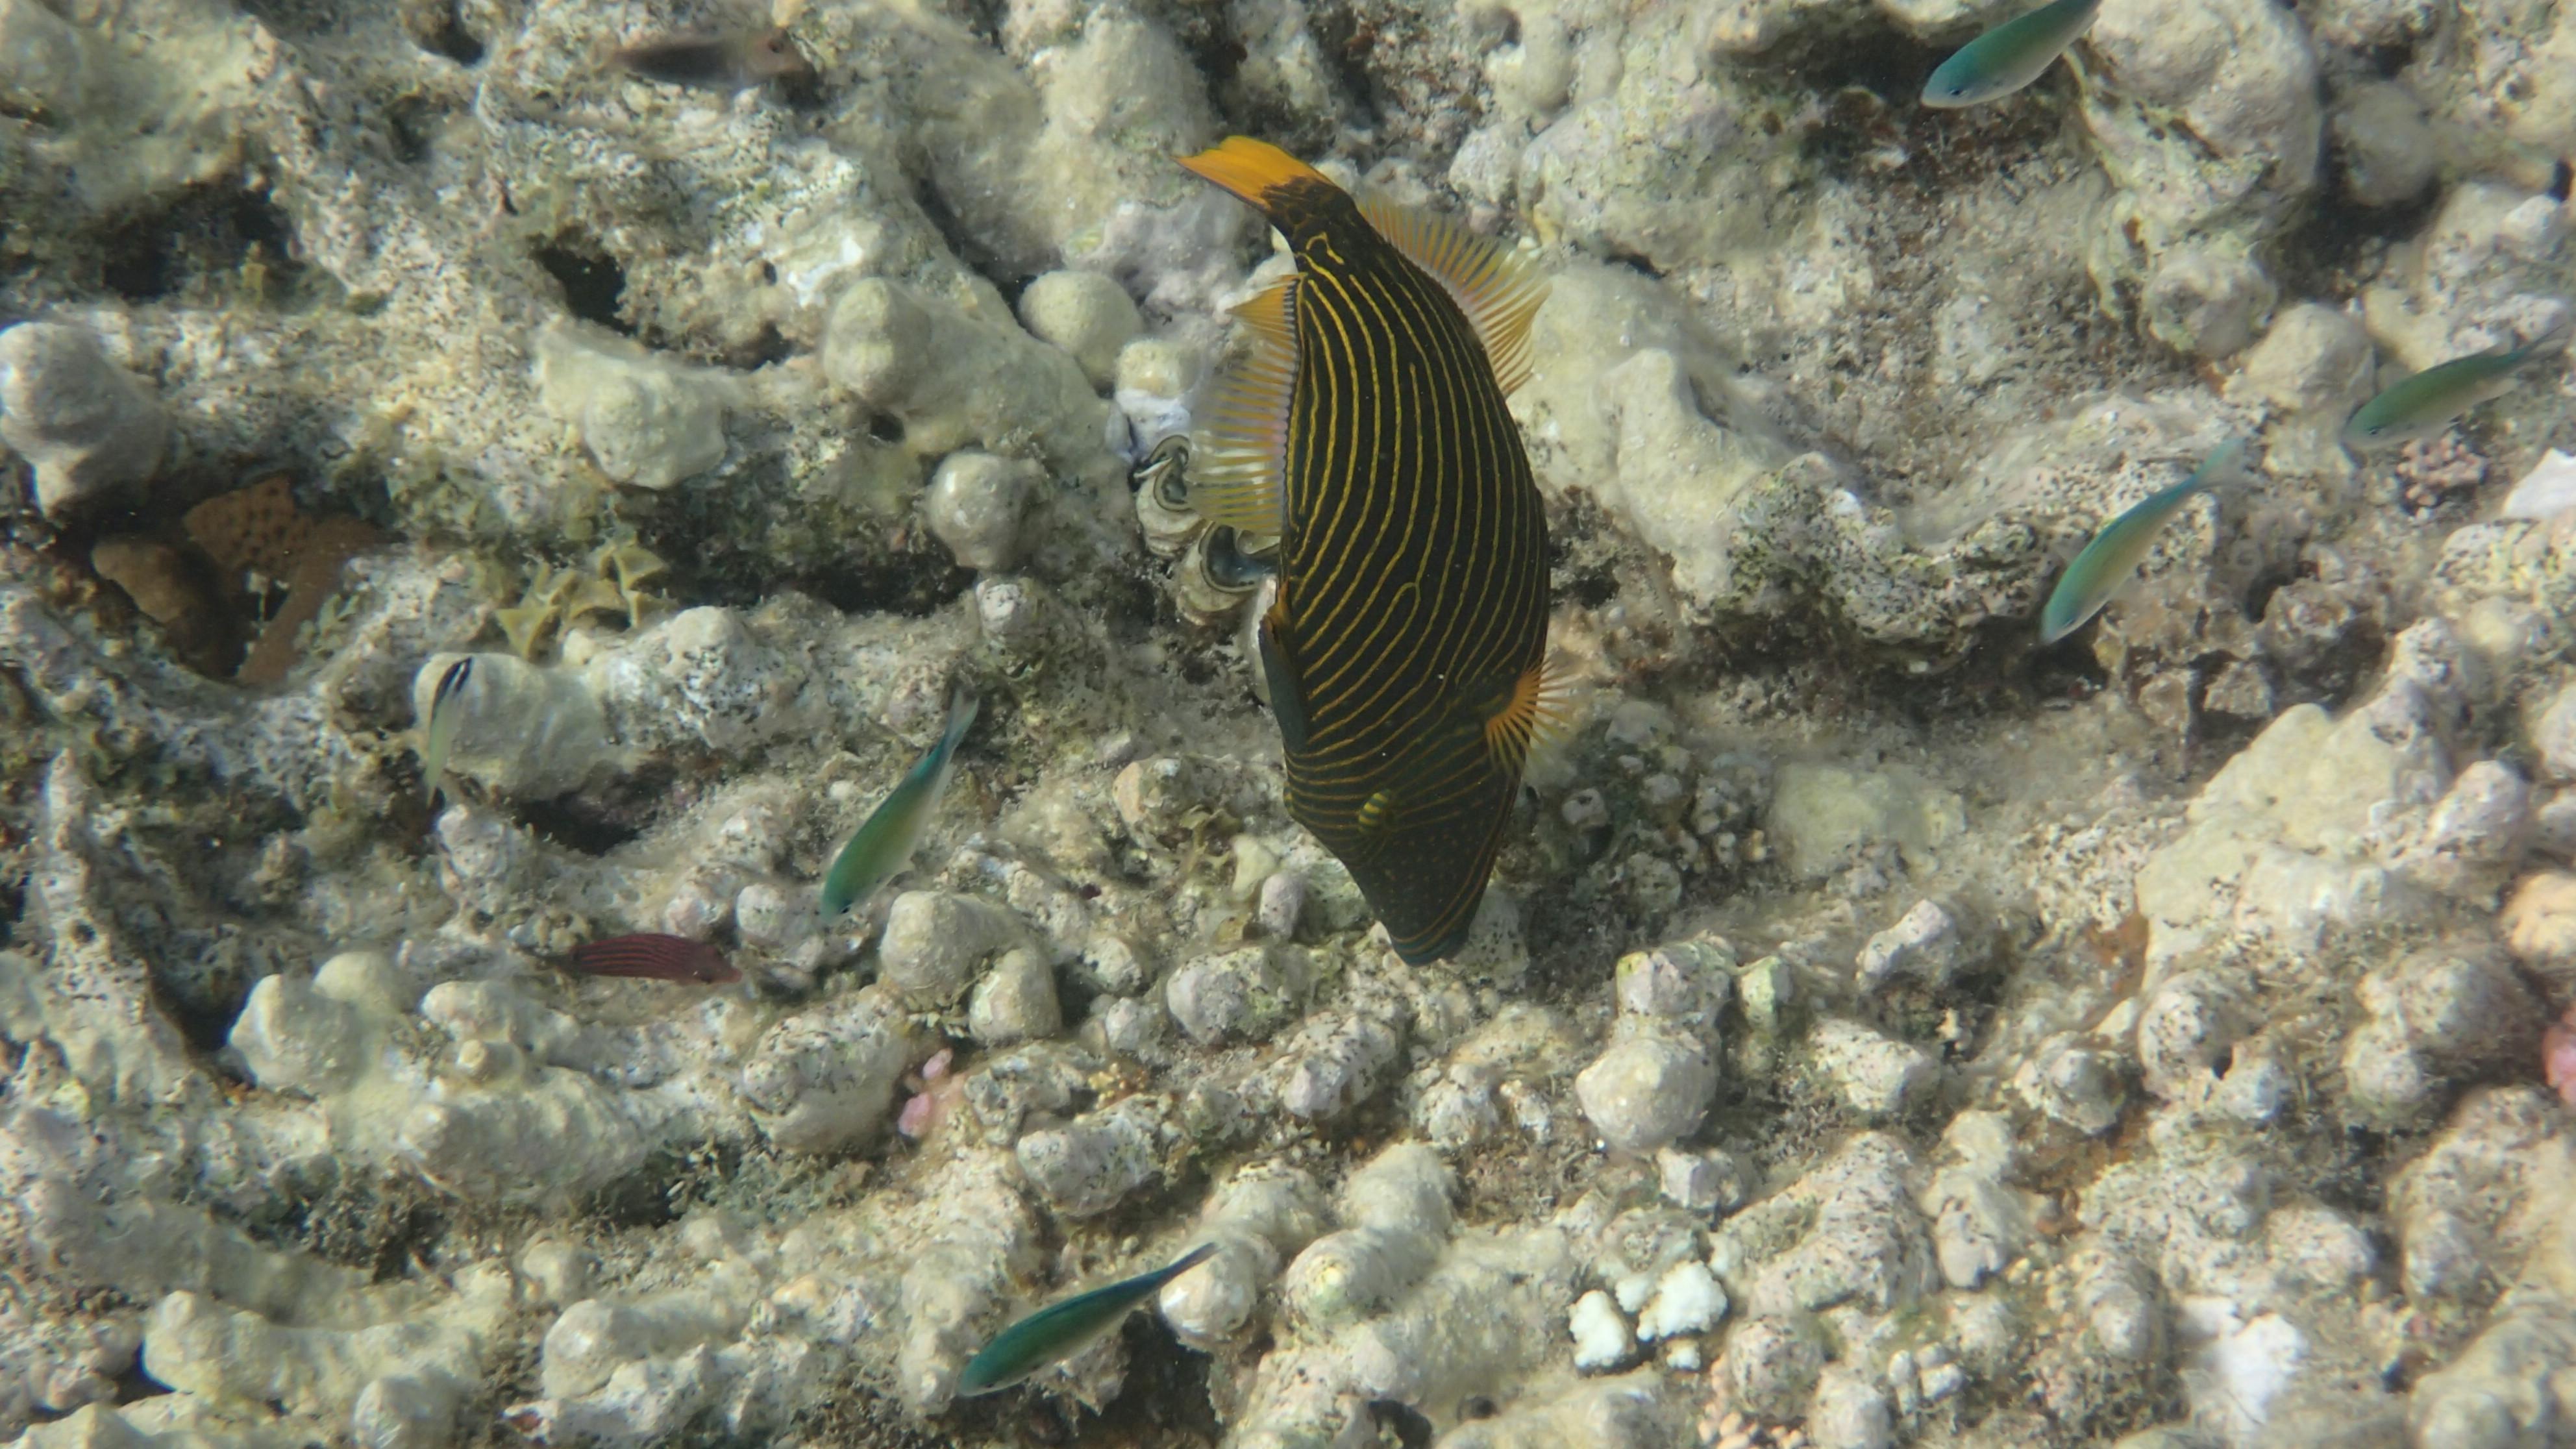 Оранжевоперый спинорог (лат.Balistapus undulatus, анг.Orangelined triggerfish)